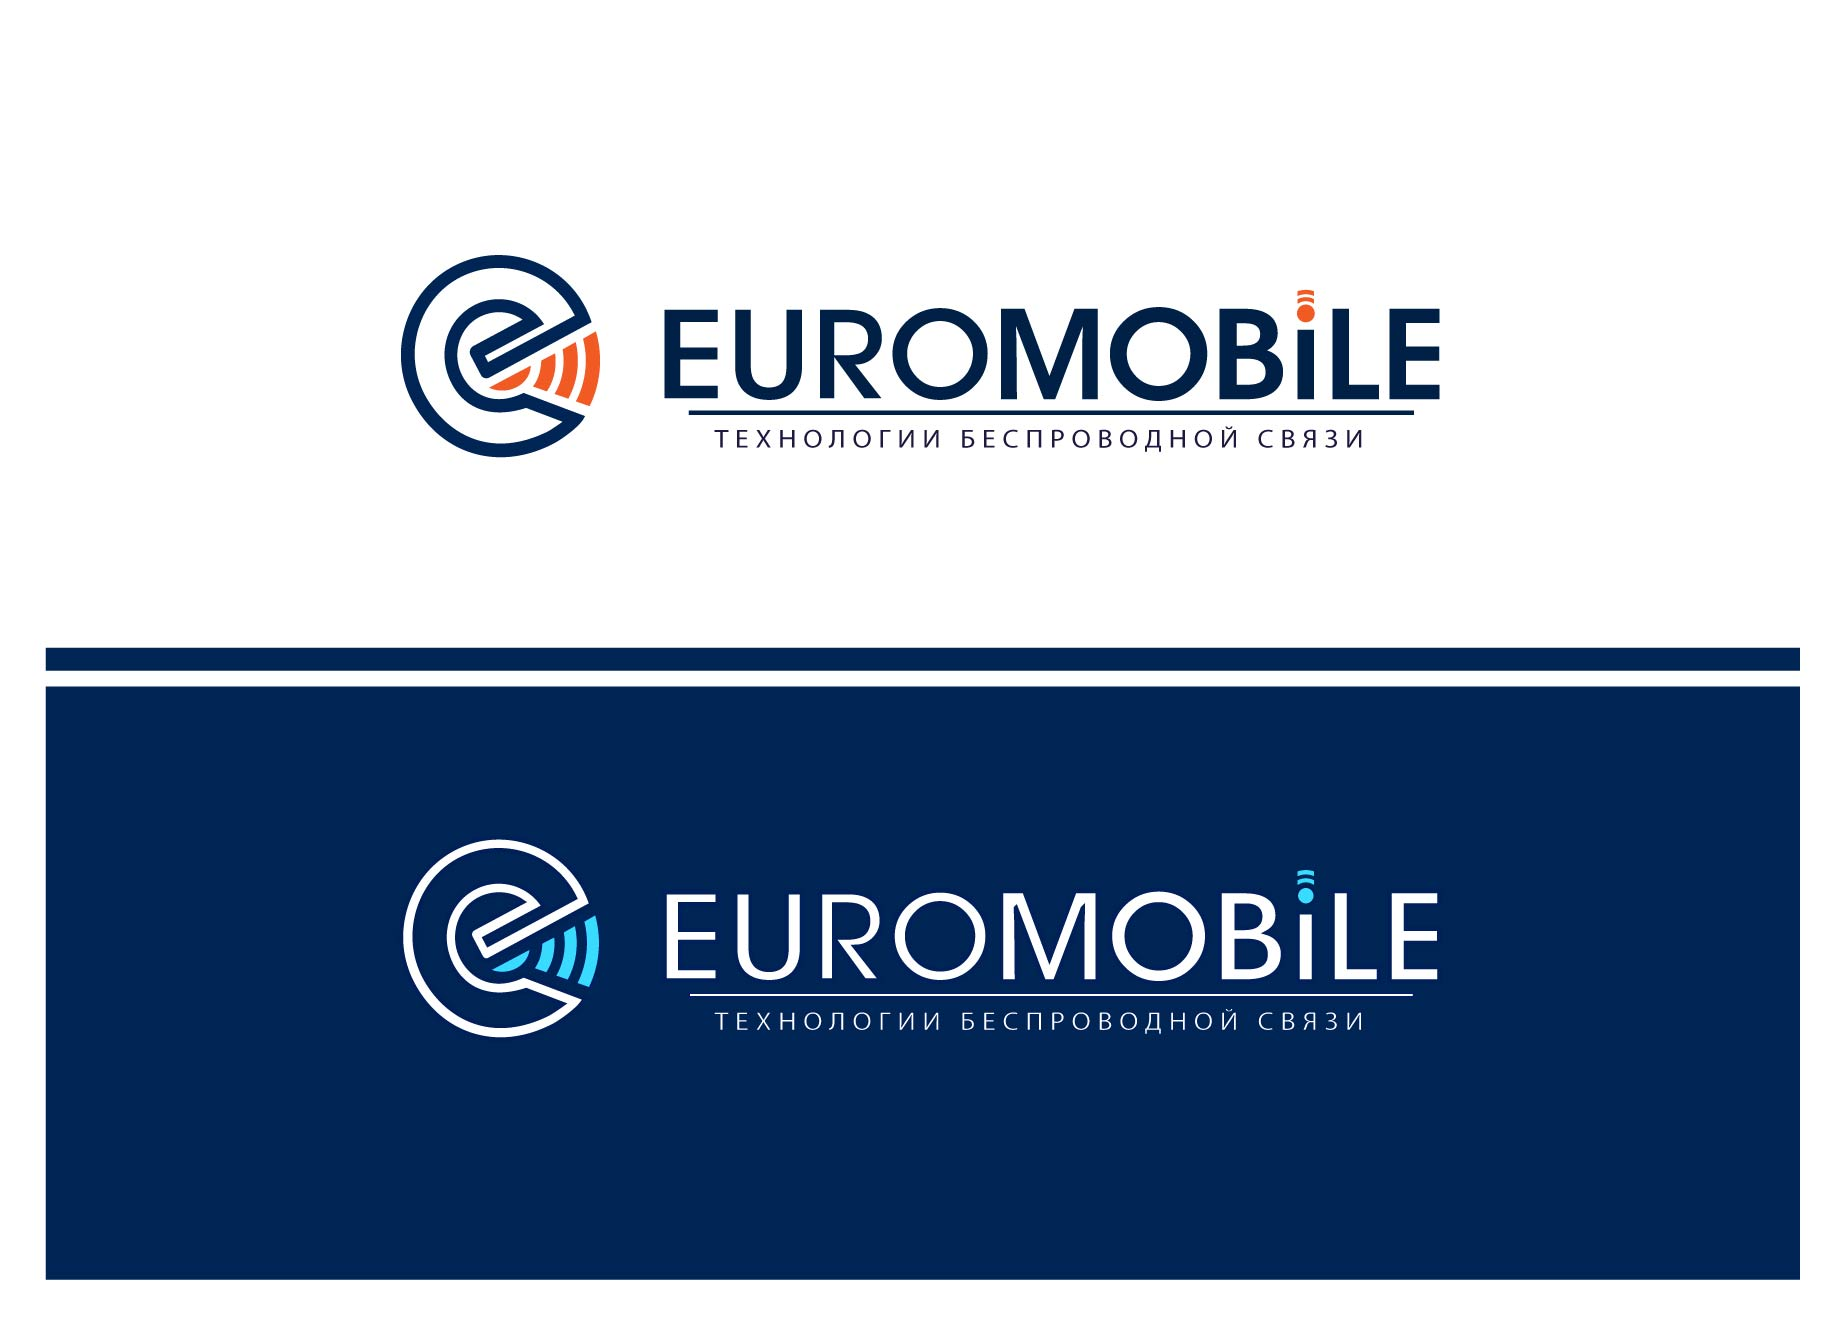 Редизайн логотипа фото f_79759c953920491e.jpg